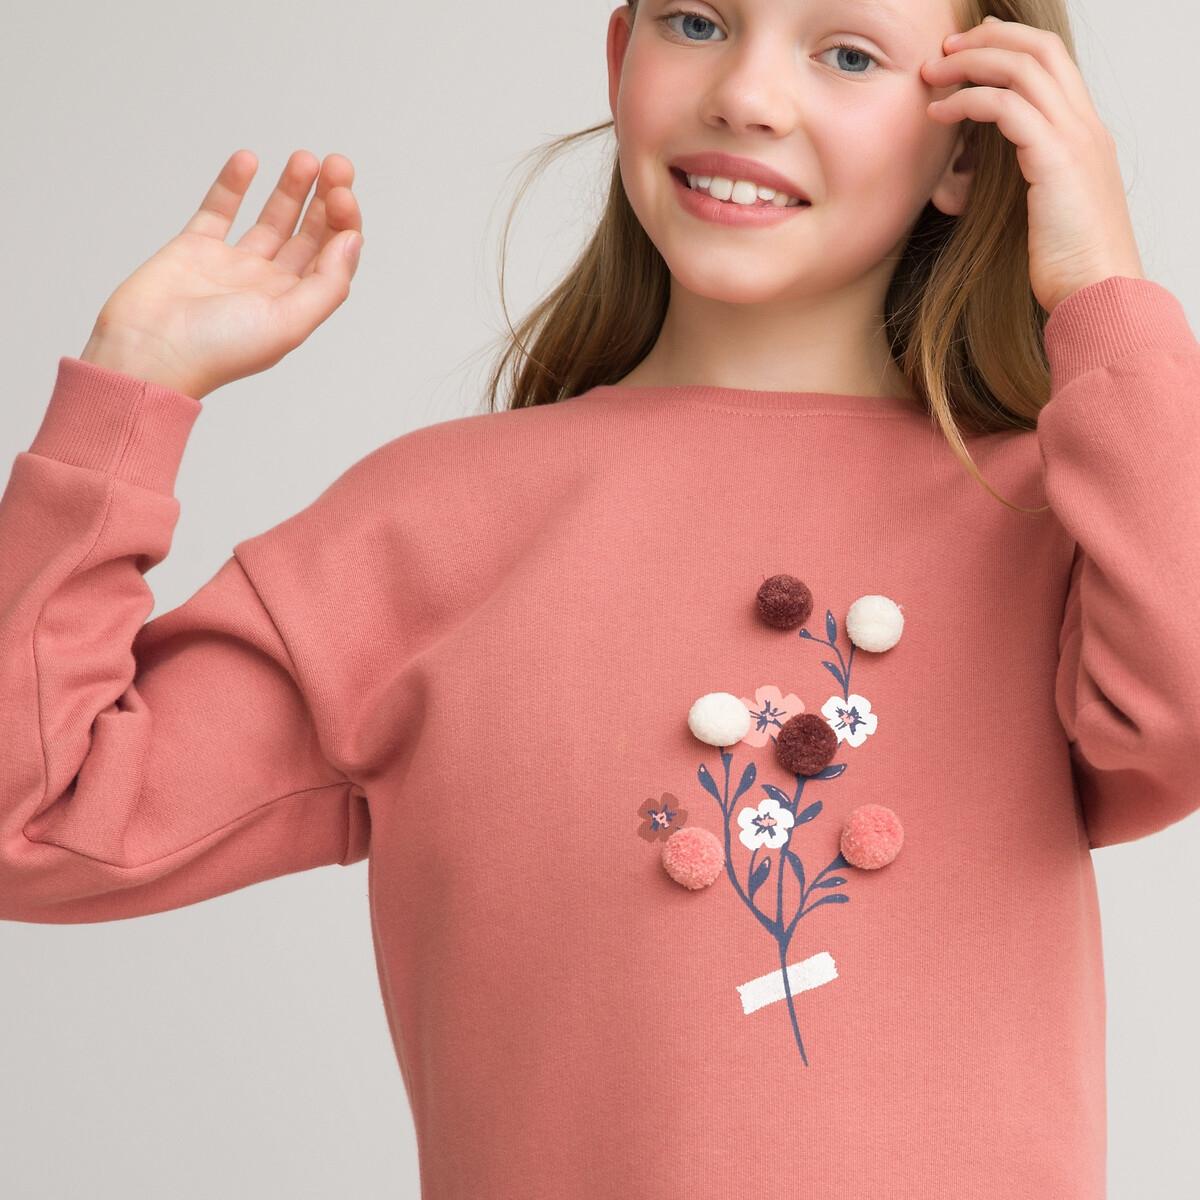 Фото - Платье LaRedoute Прямое с длинными рукавами из мольтона 3-12 лет 3 года - 94 см розовый платье laredoute с короткими рукавами из хлопчатобумажной газовой ткани 3 12 лет 3 года 94 см розовый